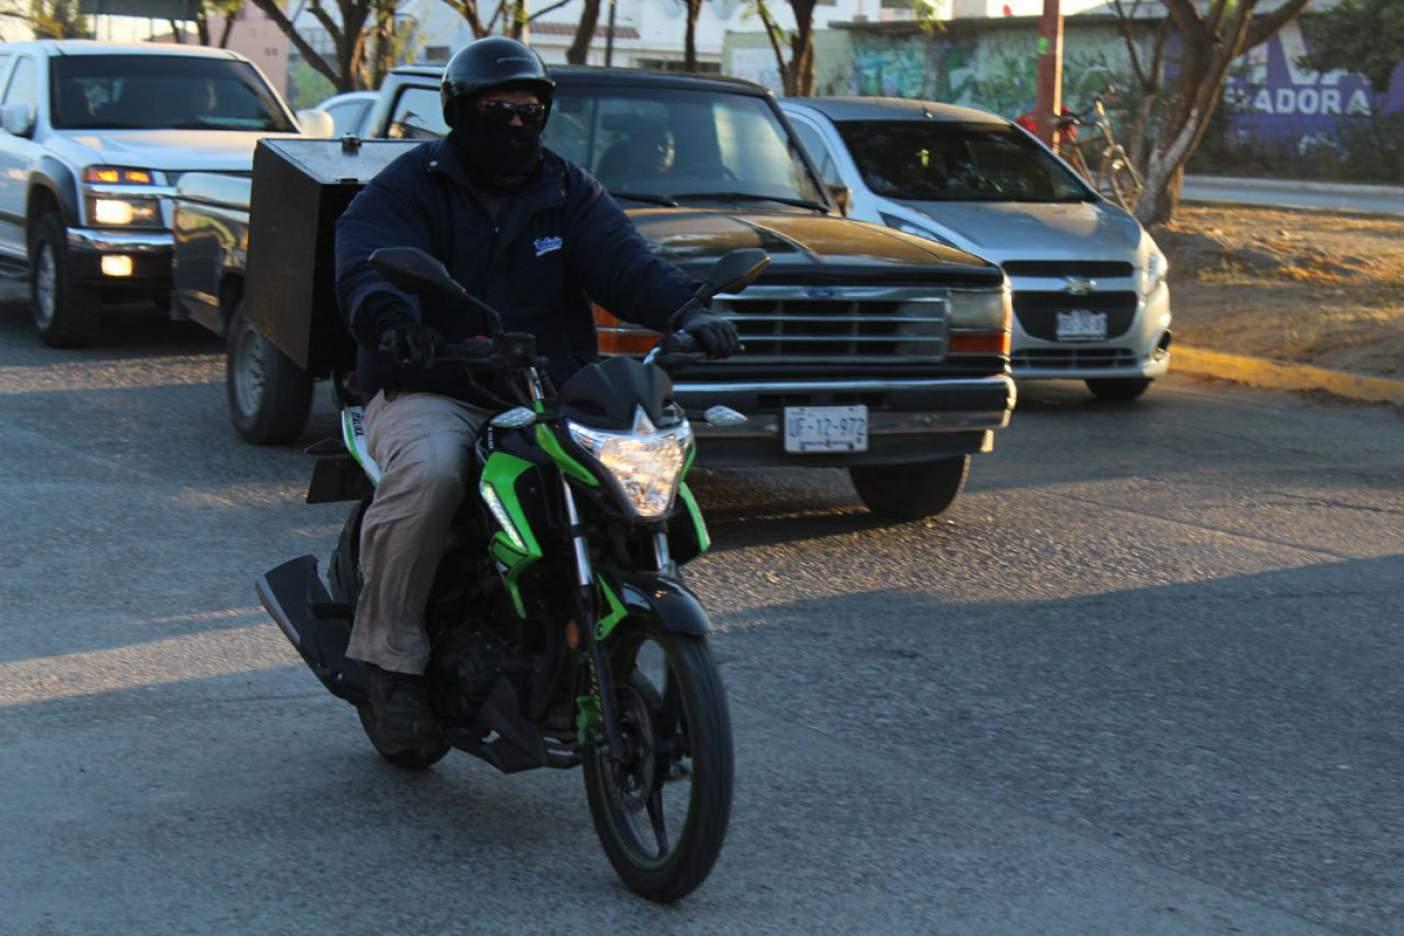 Prepárese, habrá más heladas: nuevo frente frío llega a México